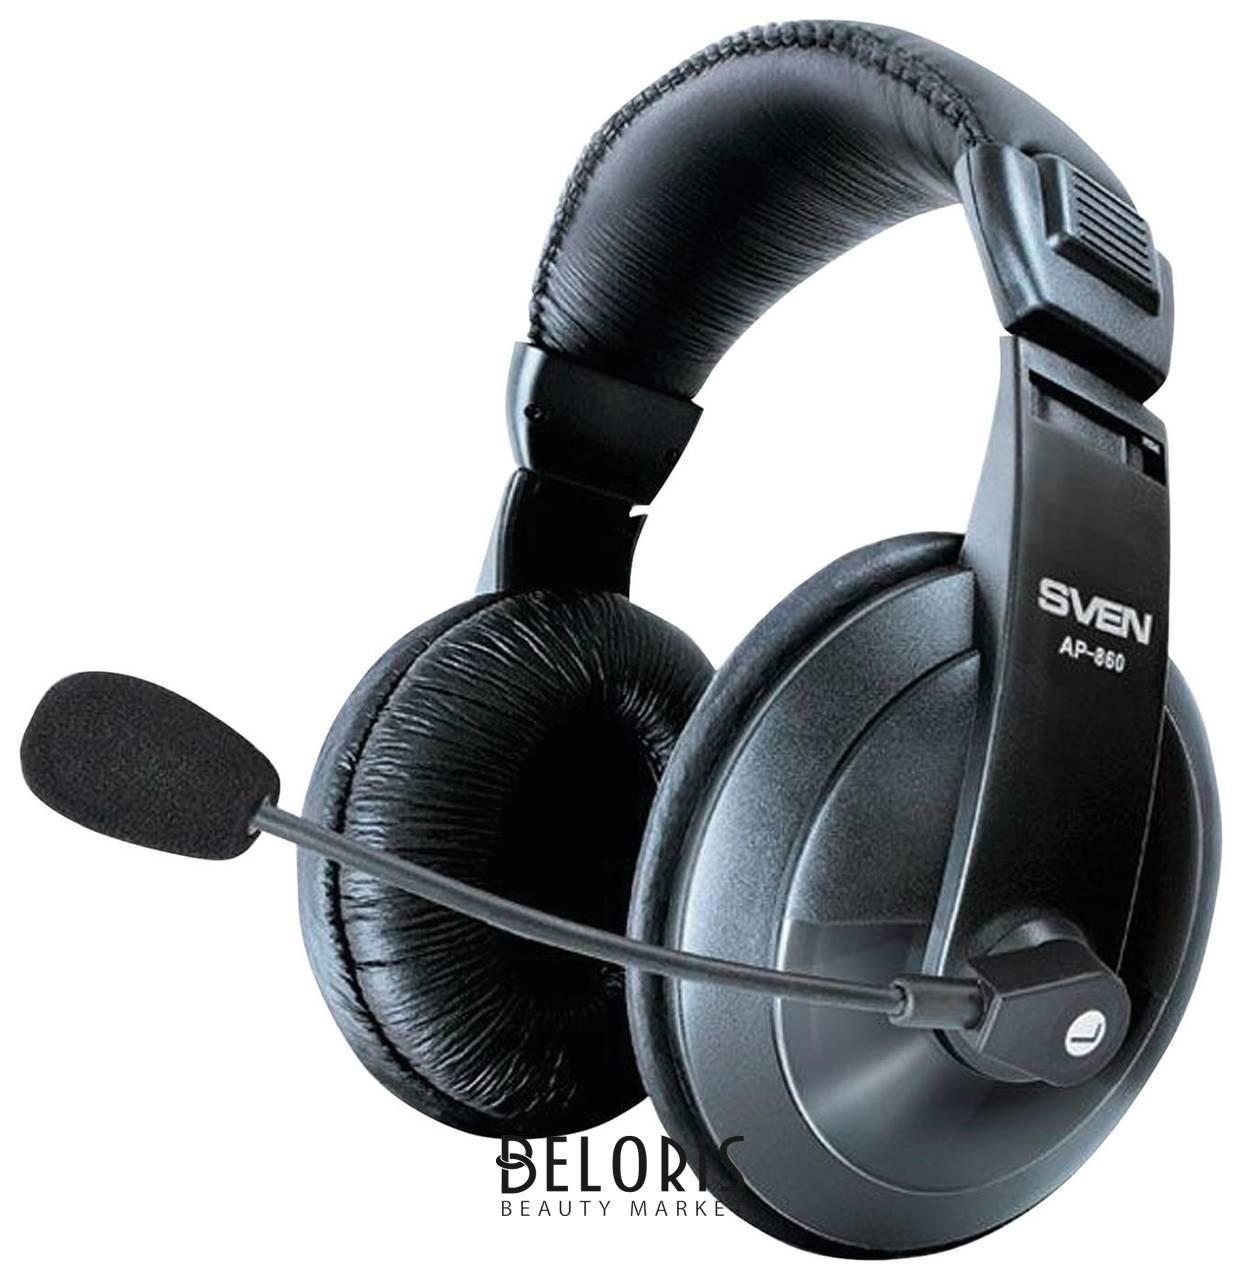 Наушники с микрофоном (гарнитура) SVEN AP-860MV, проводные, 2 м, с оголовьем, черные  Sven